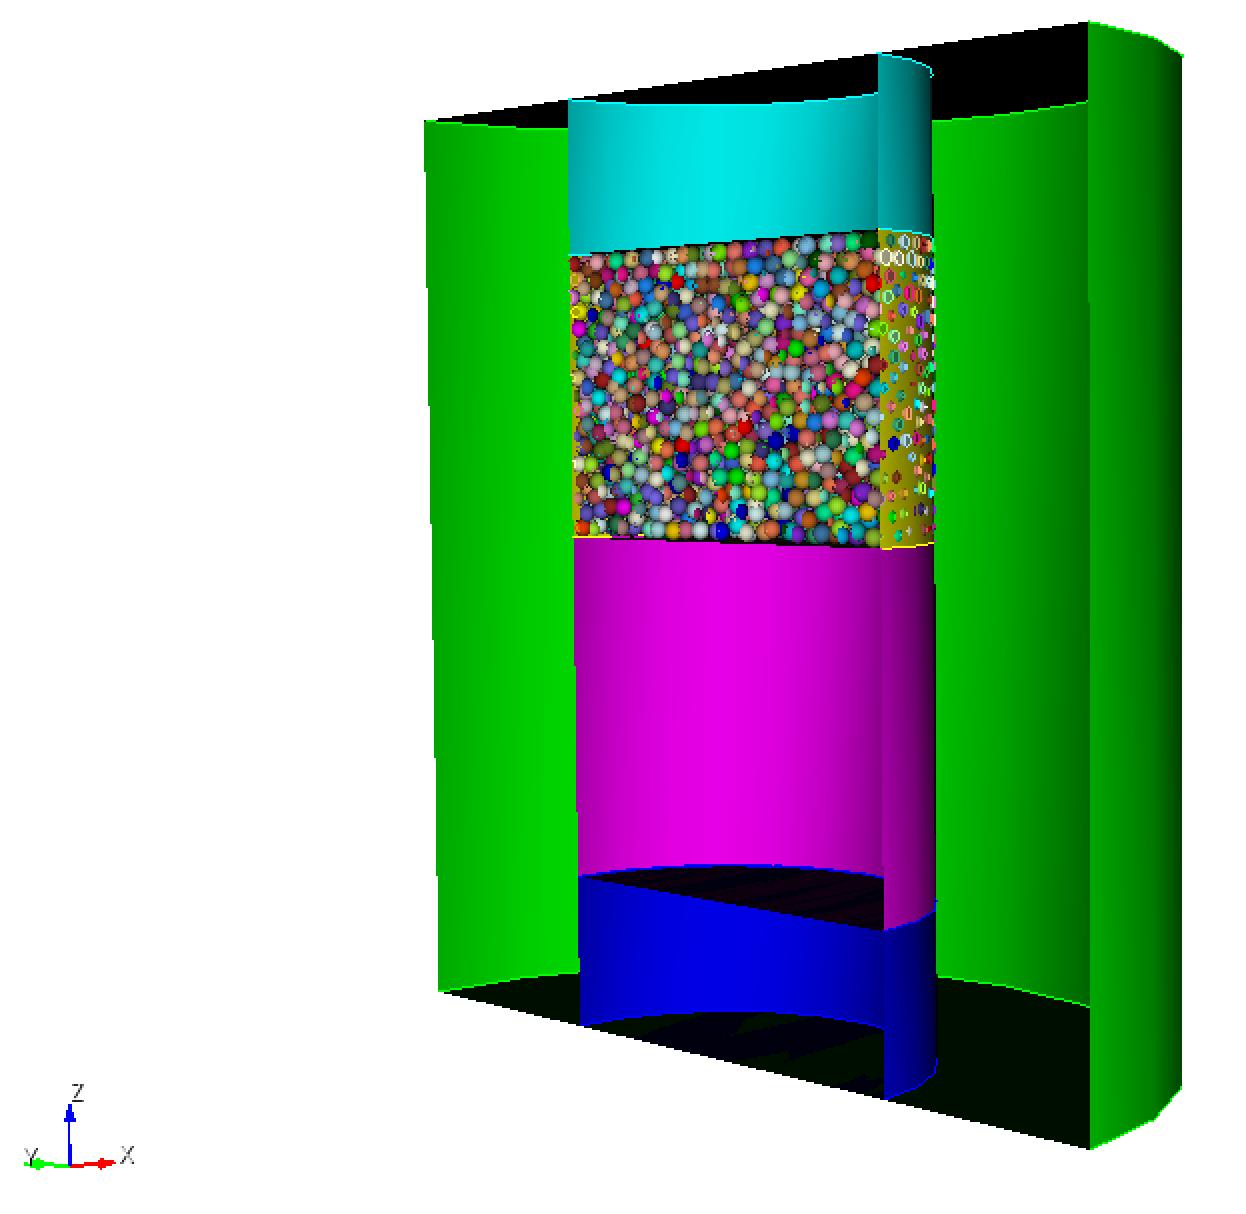 cylinder benchmark, April Novak